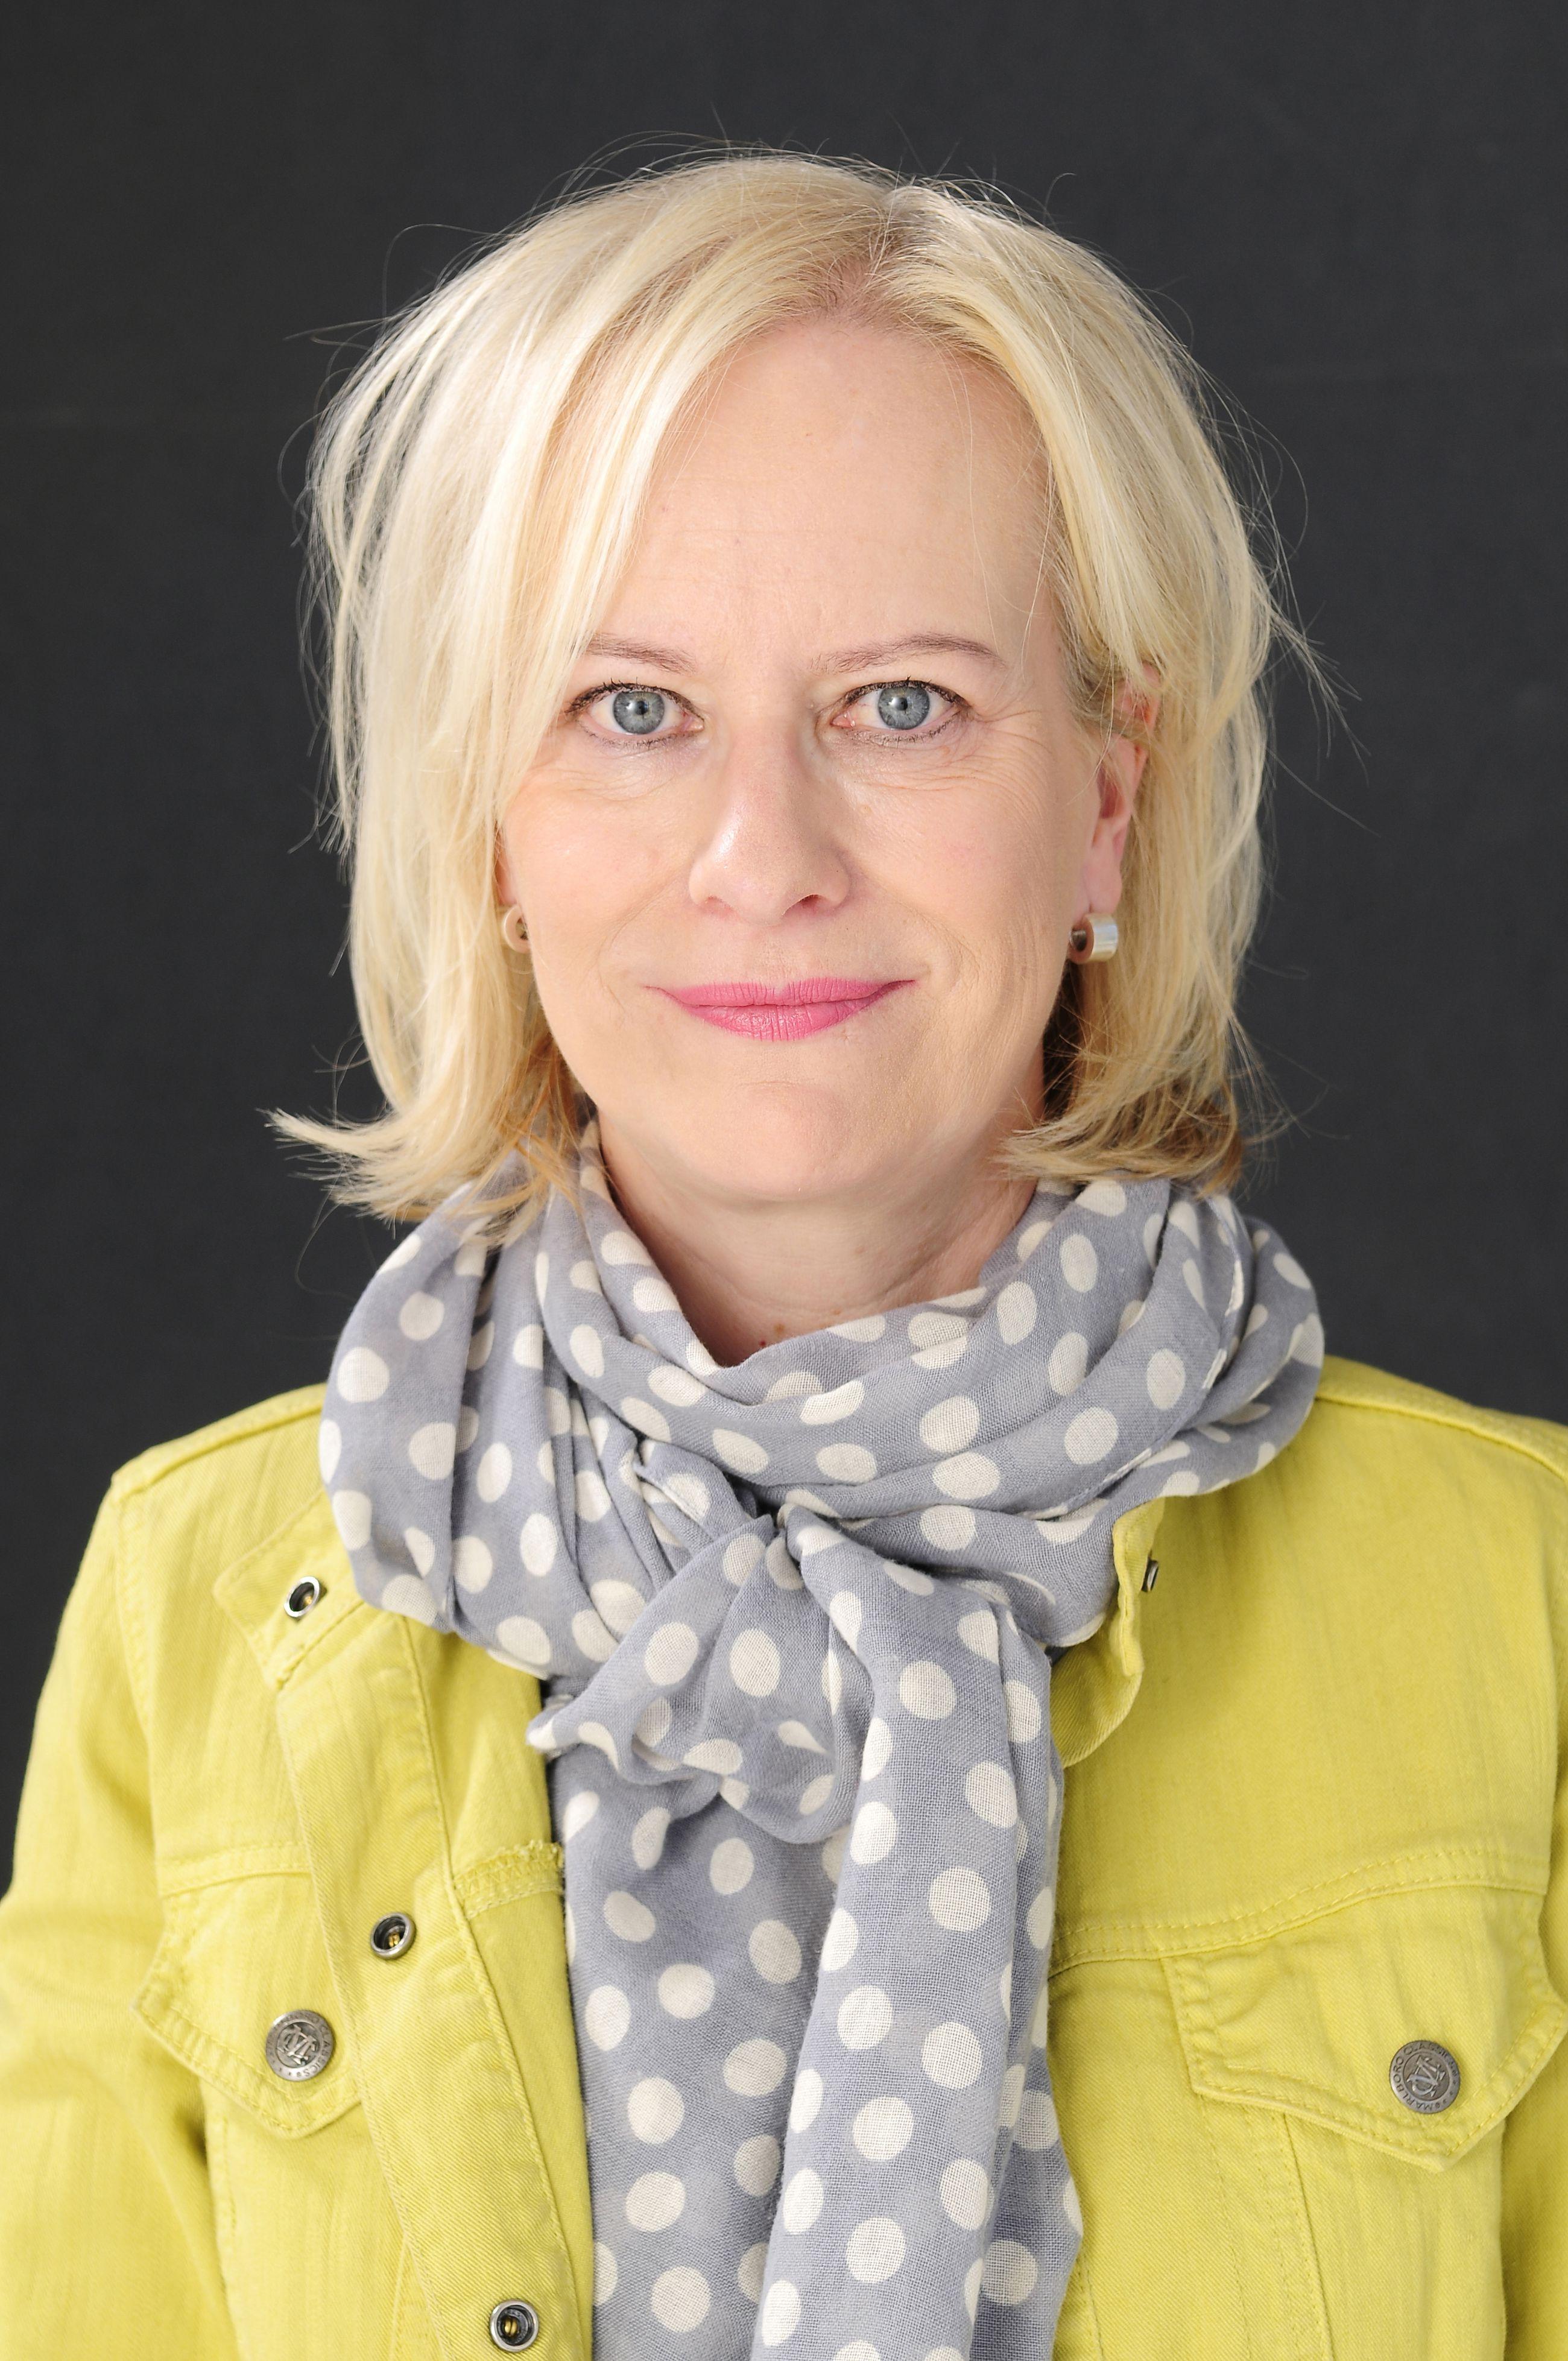 Kirjailija Sinikka Nopola on kuollut 67-vuotiaana | Kaleva